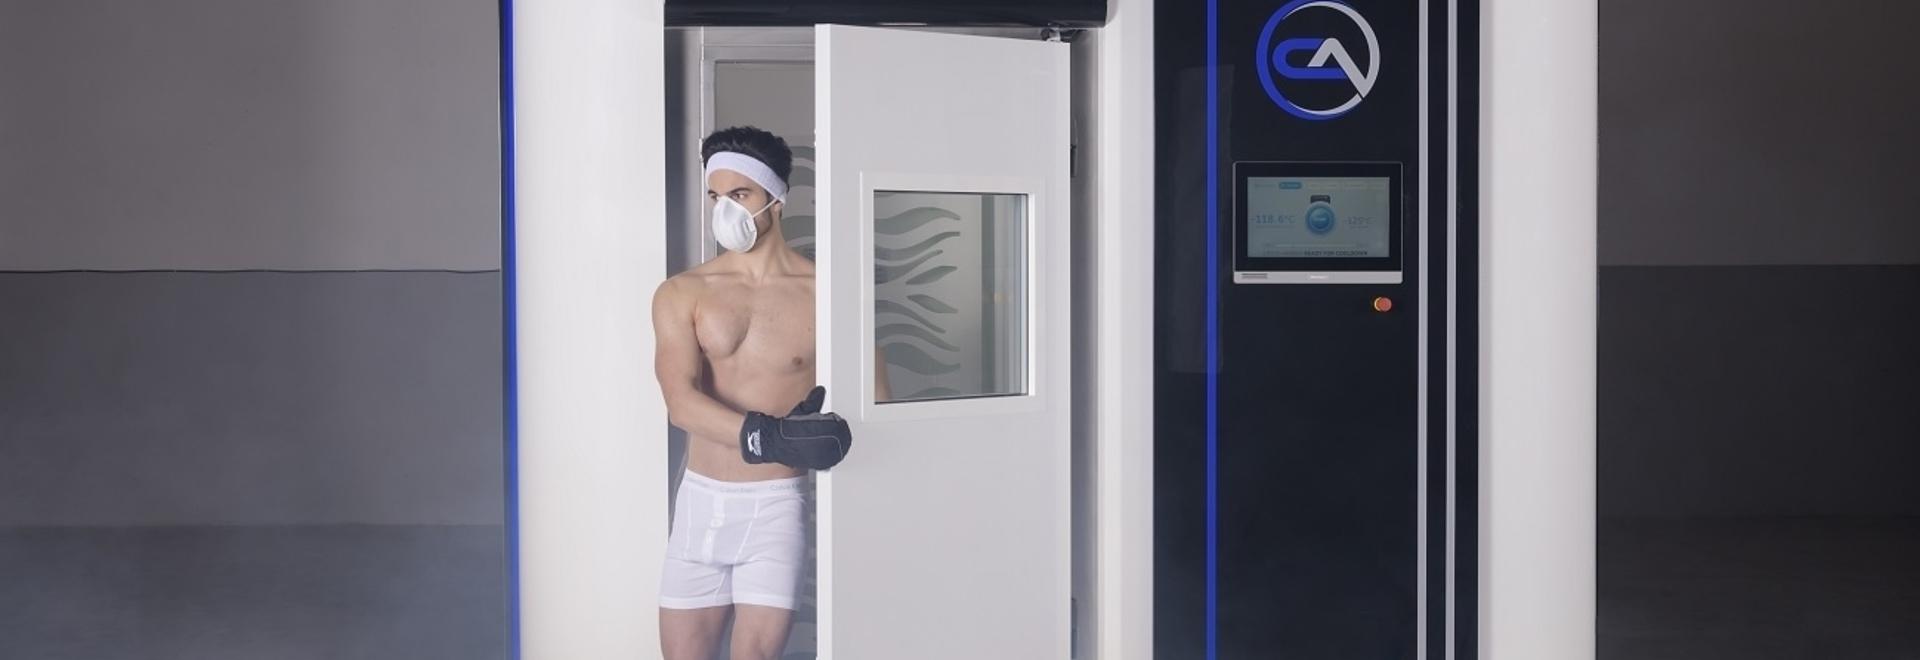 La exposición de la piel a temperaturas extremadamente frías provoca una serie de reacciones fisiológicas que ayudan al organismo a repararse y revigorizarse